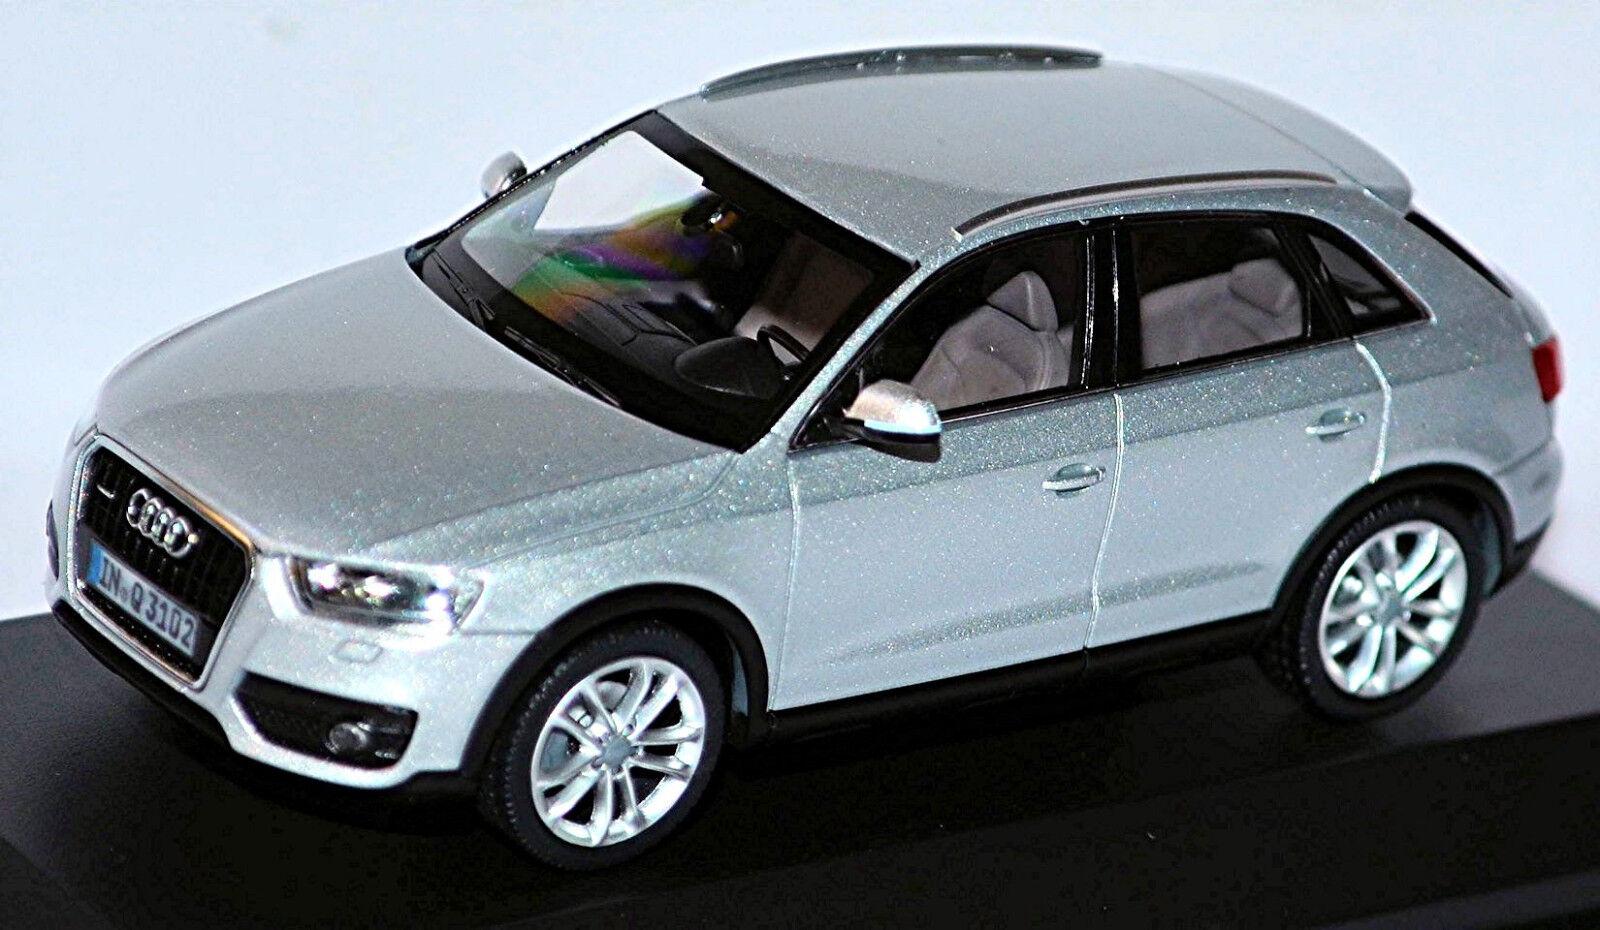 più sconto Audi Q3 Q3 Q3 Tipo  8u SUV 2011-14 argentooo Ghiaccio Ice argentooo Mettuttiico 1 43 Schuco  spedizione e scambi gratuiti.